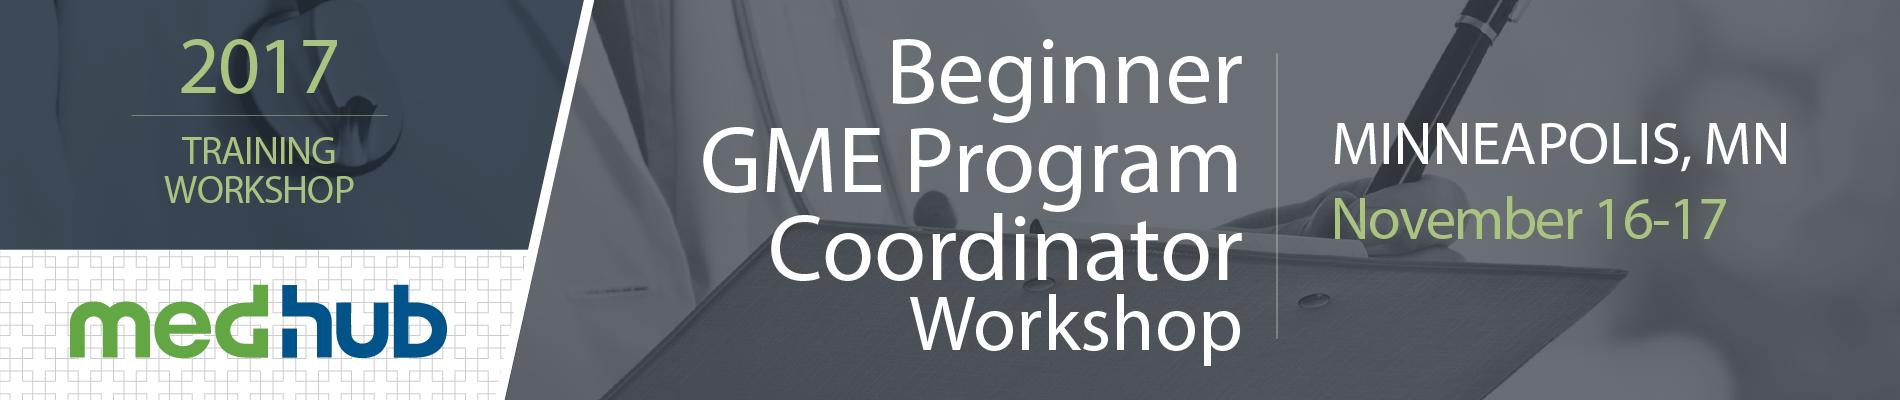 MedHub New GME Program Coordinator Workshop (November 16 & 17)